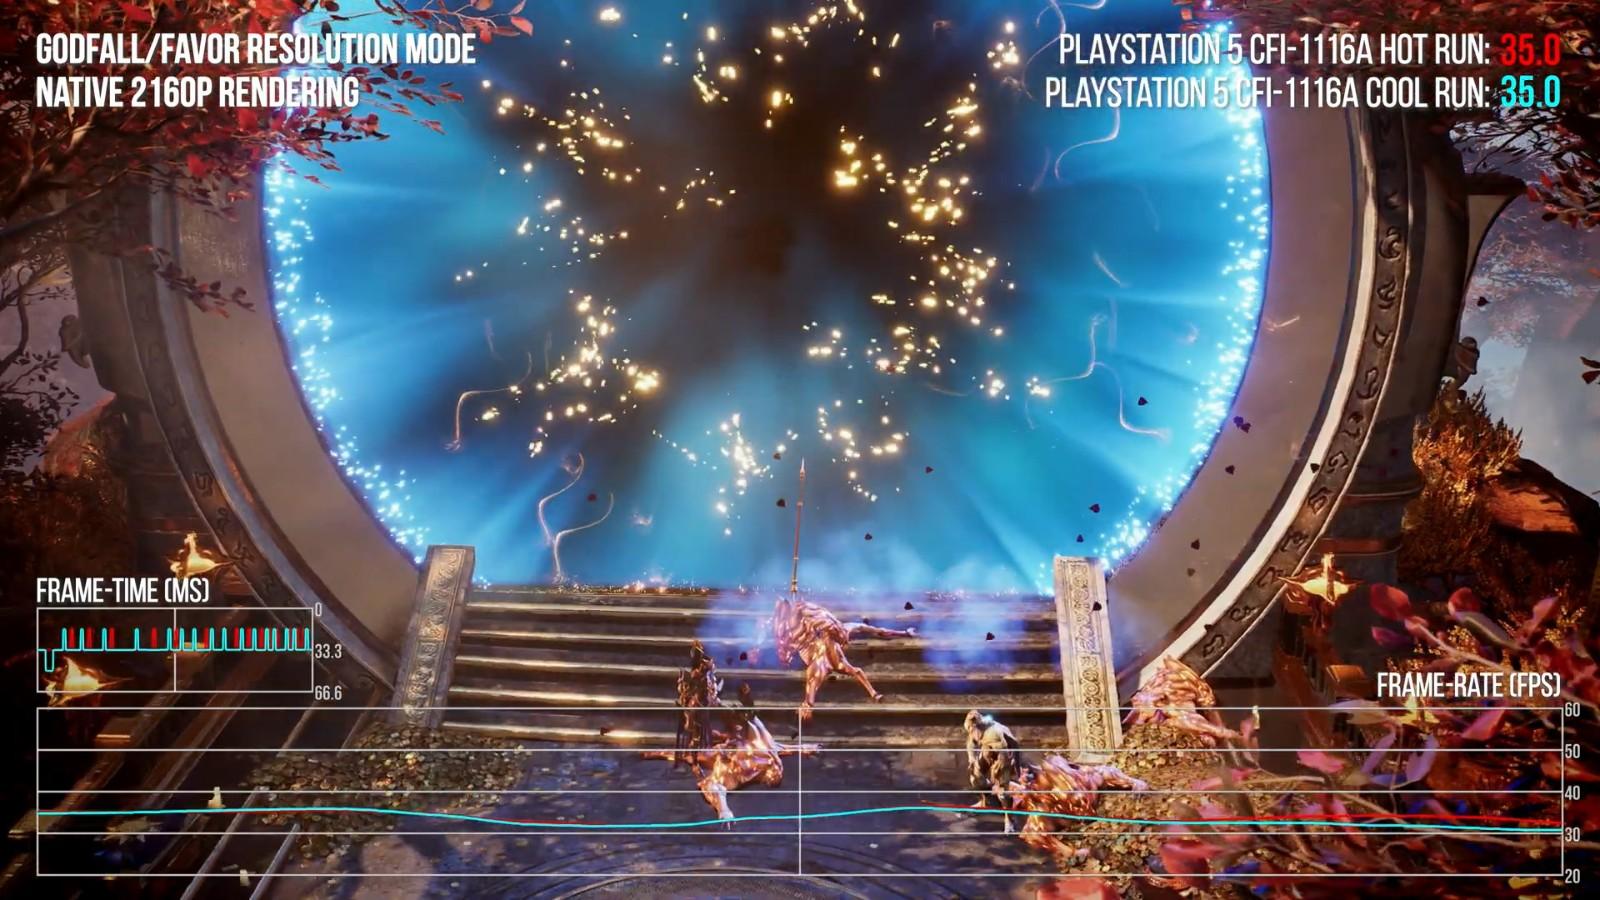 外媒评测PS5新机型:和首发版性能并无二致插图19